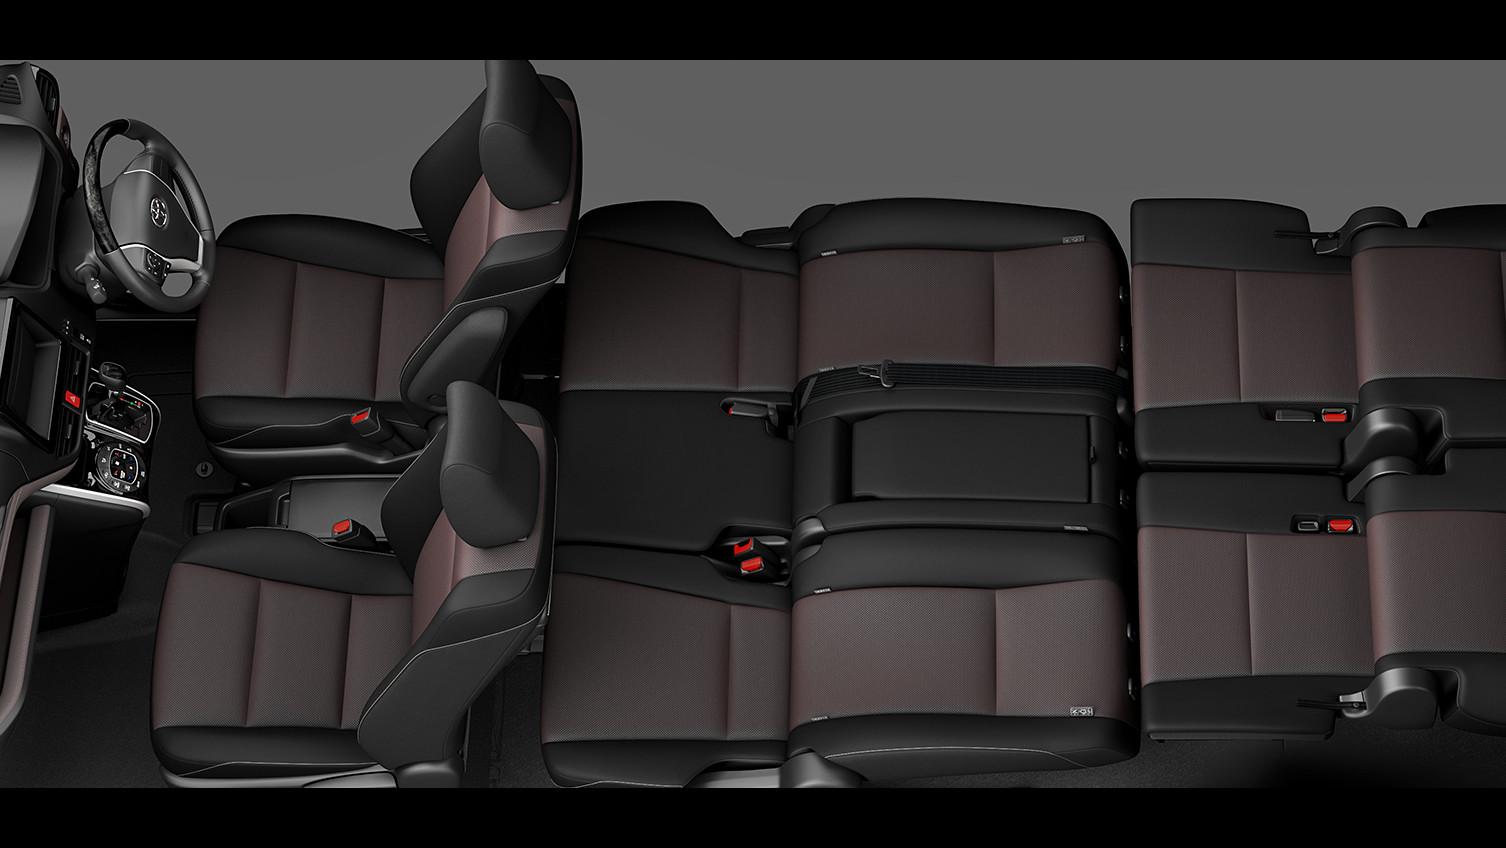 エスクァイア、7人乗り8人乗り比較、8人乗りリアフラットソファモード